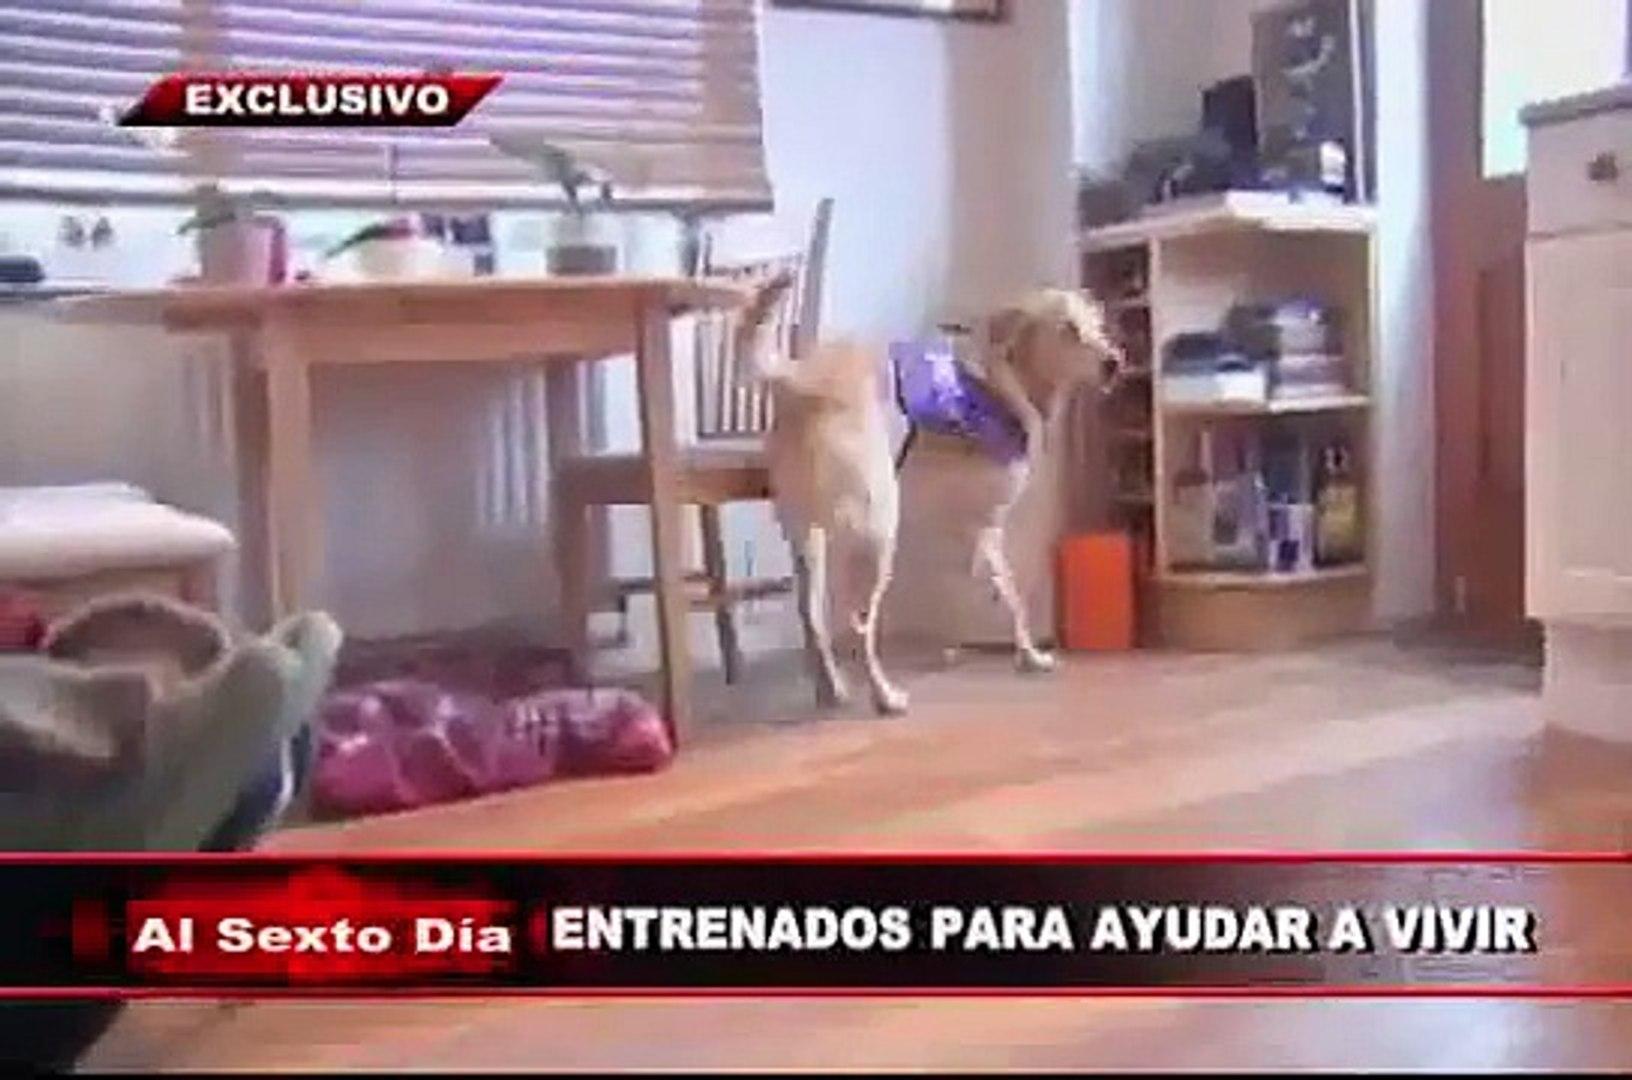 Entrenados para ayudar a vivir: los sorprendentes perros de asistencia